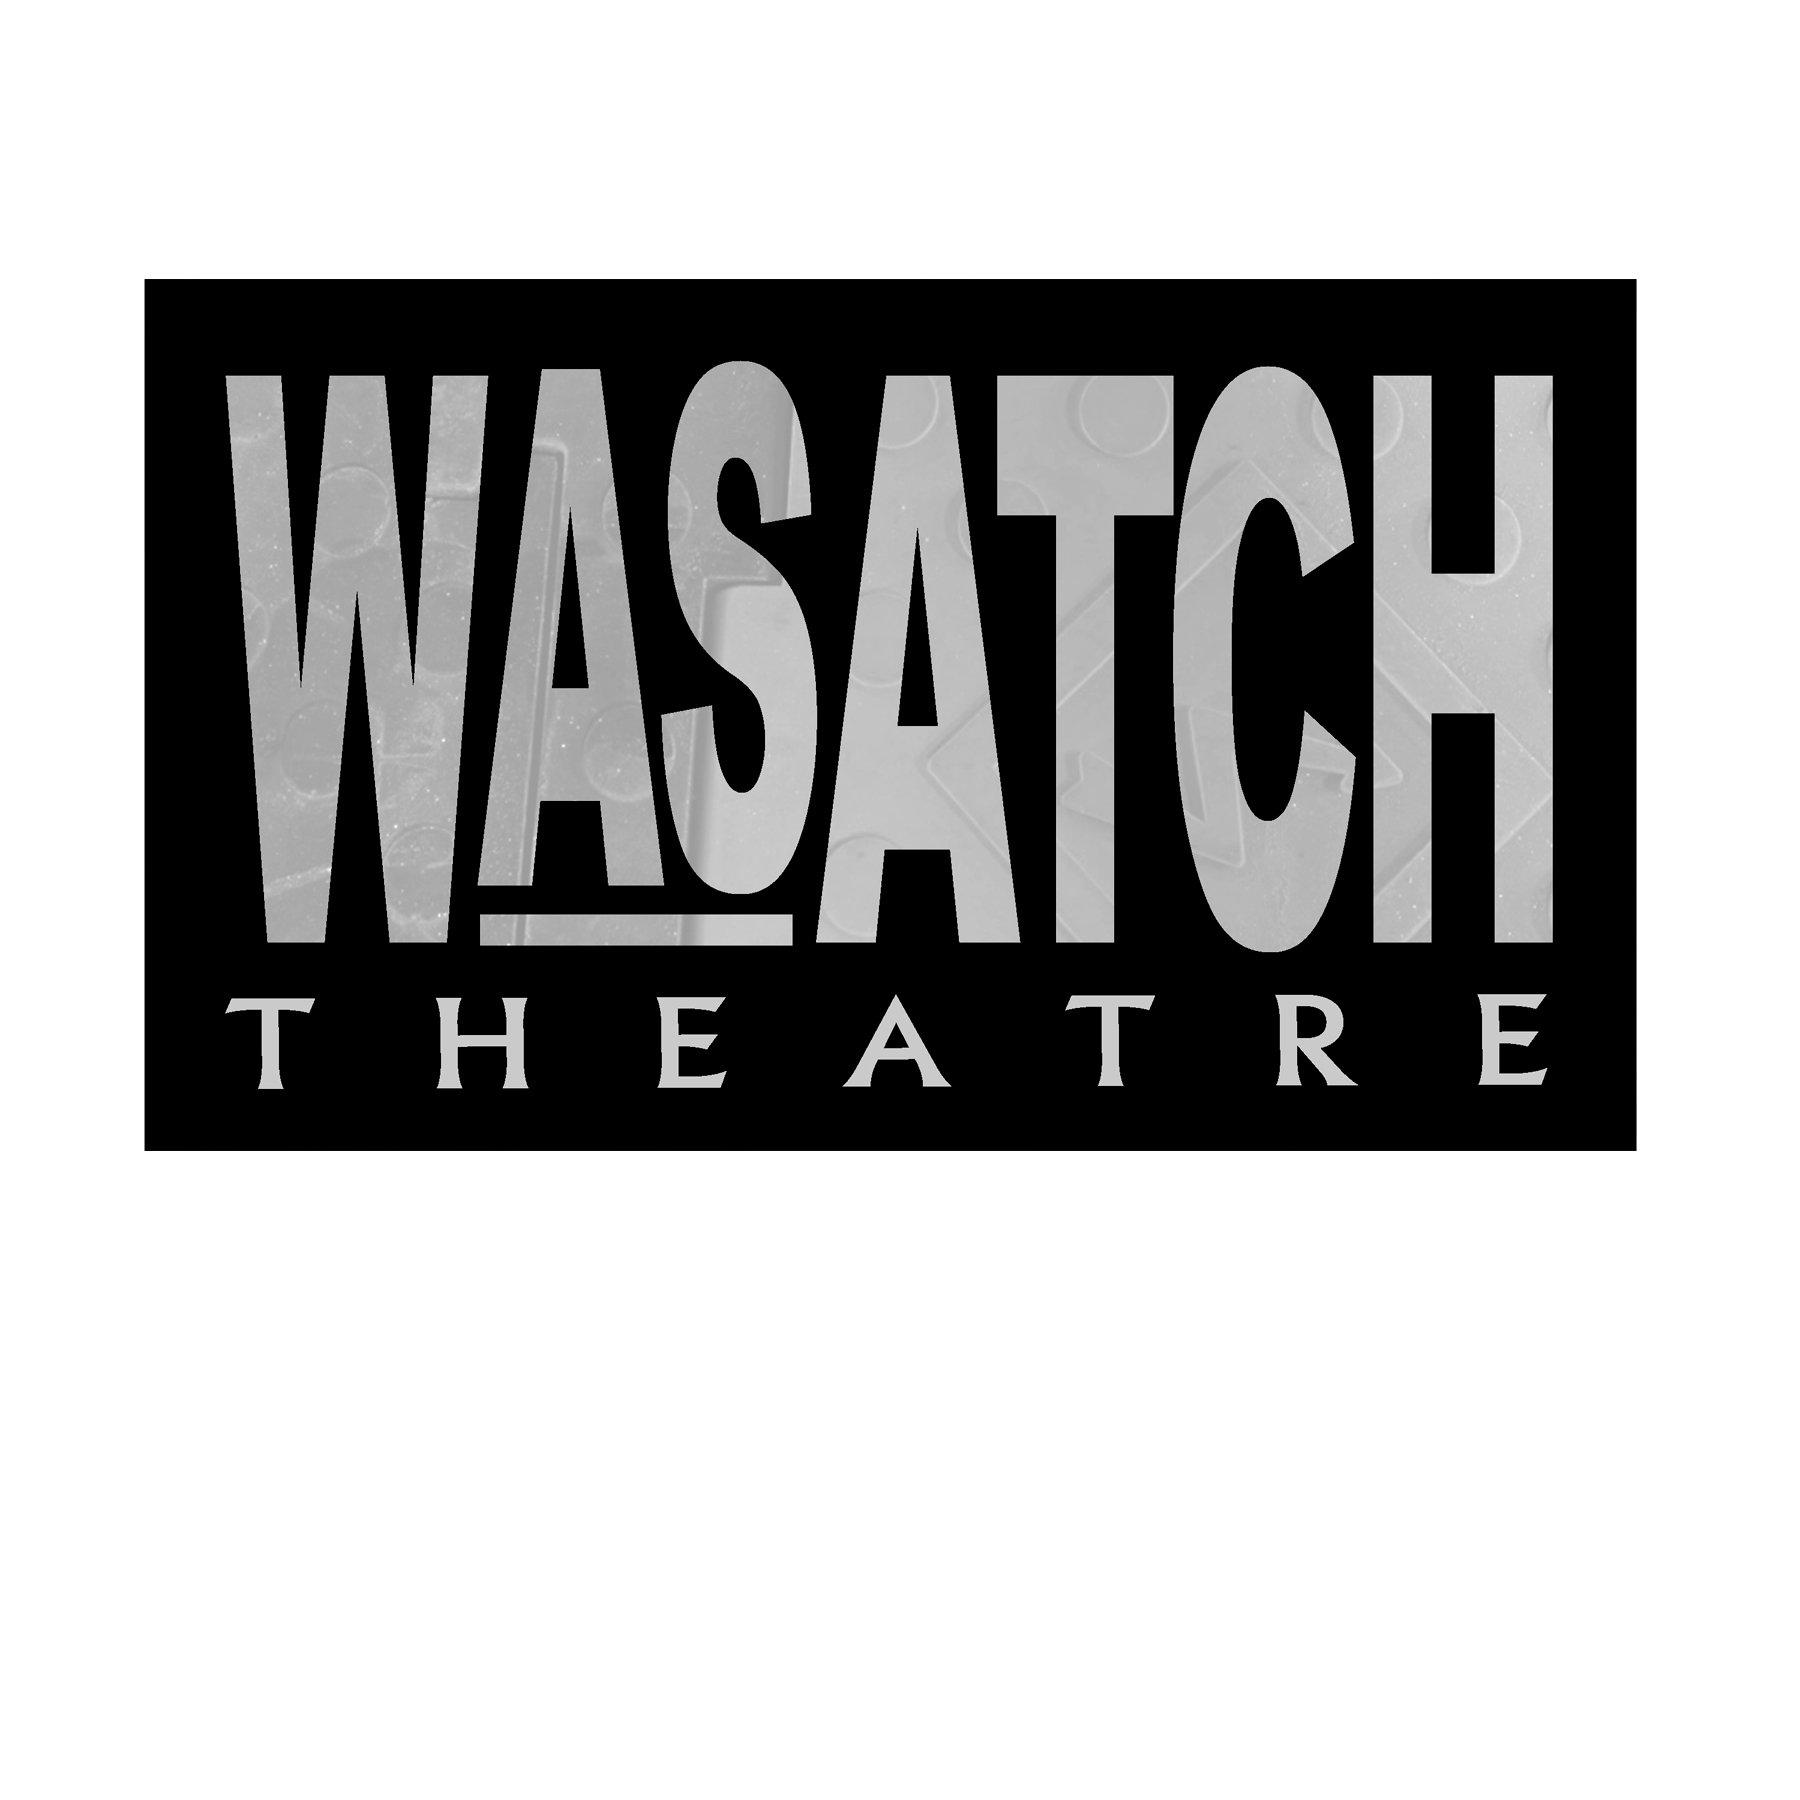 Wasatch Theatre